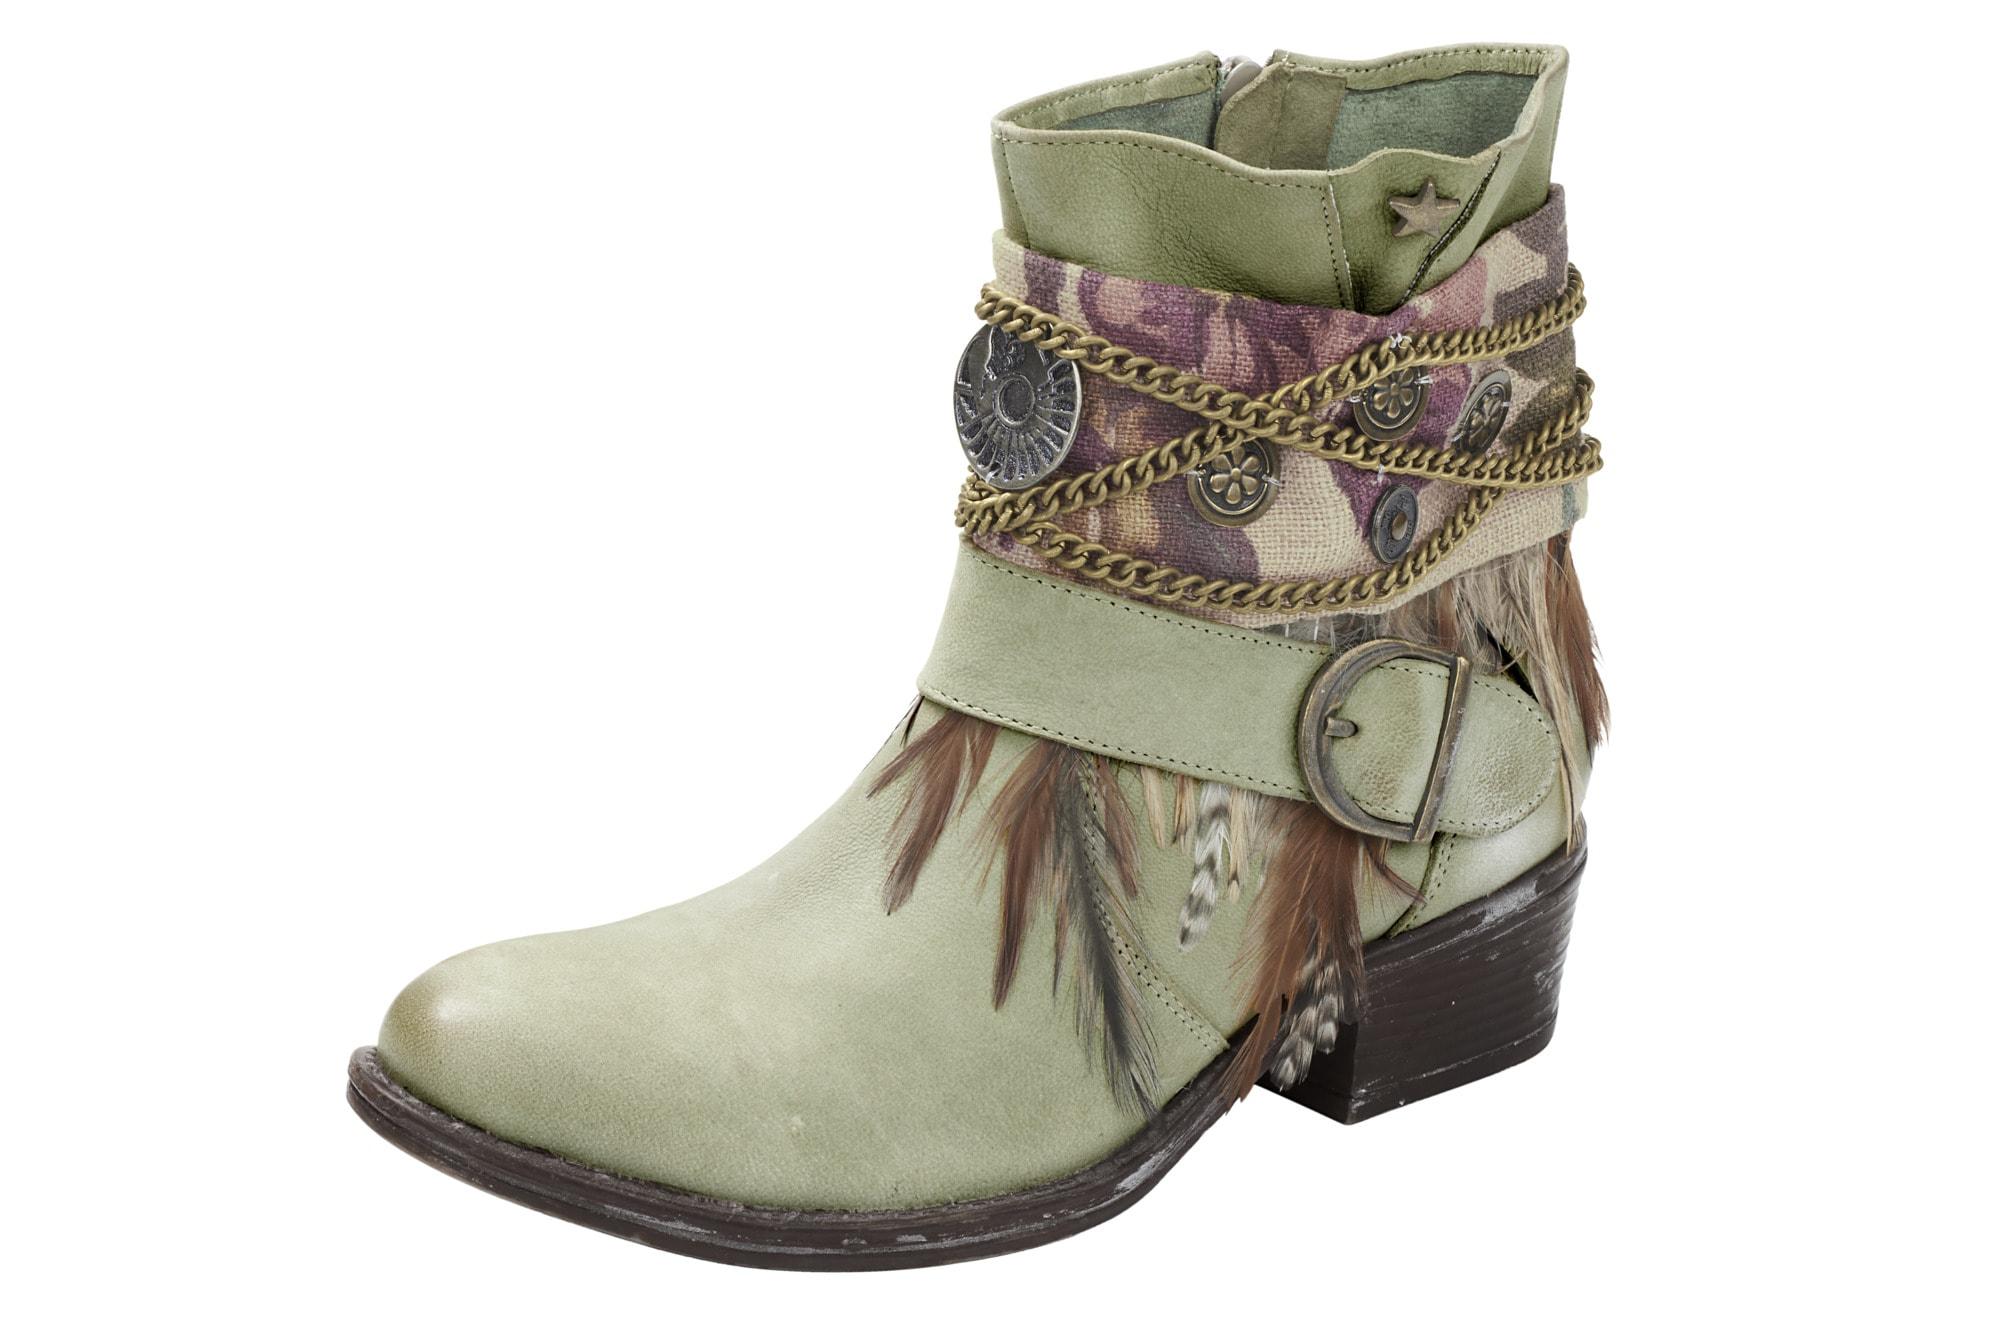 XYXYX Schuhe Stiefelette online bestellen bestellen bestellen | Gutes Preis-Leistungs-Verhältnis, es lohnt sich 97e8aa